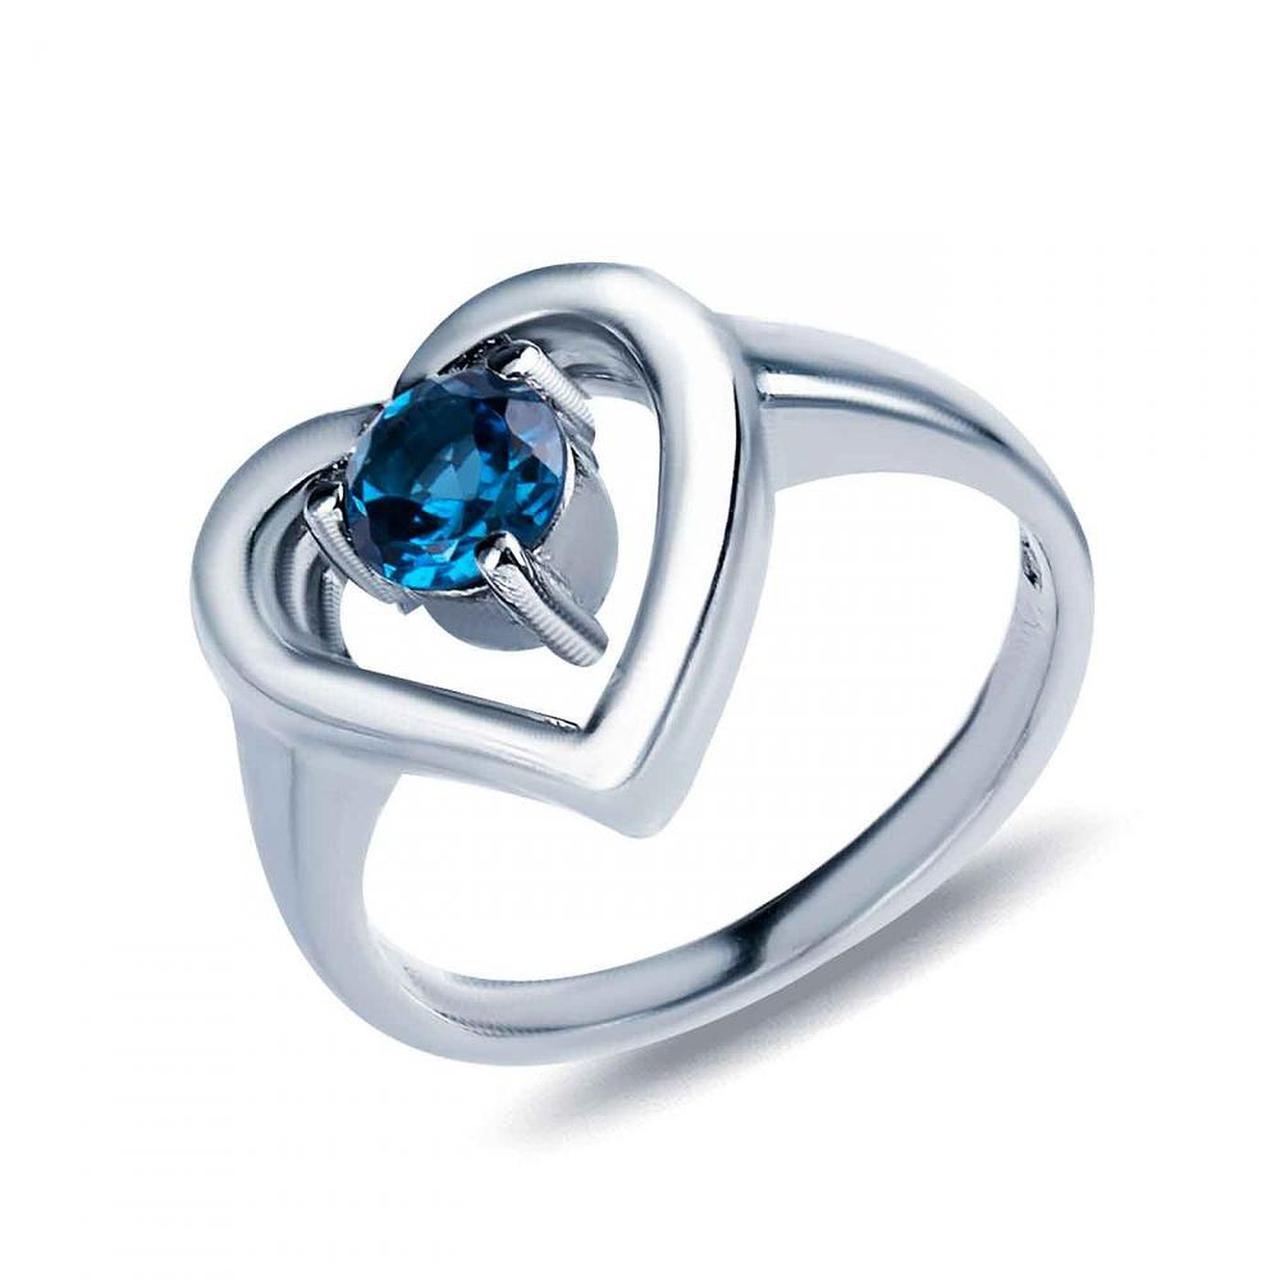 Серебряное кольцо с топазом, размер 15.5 (1313776)